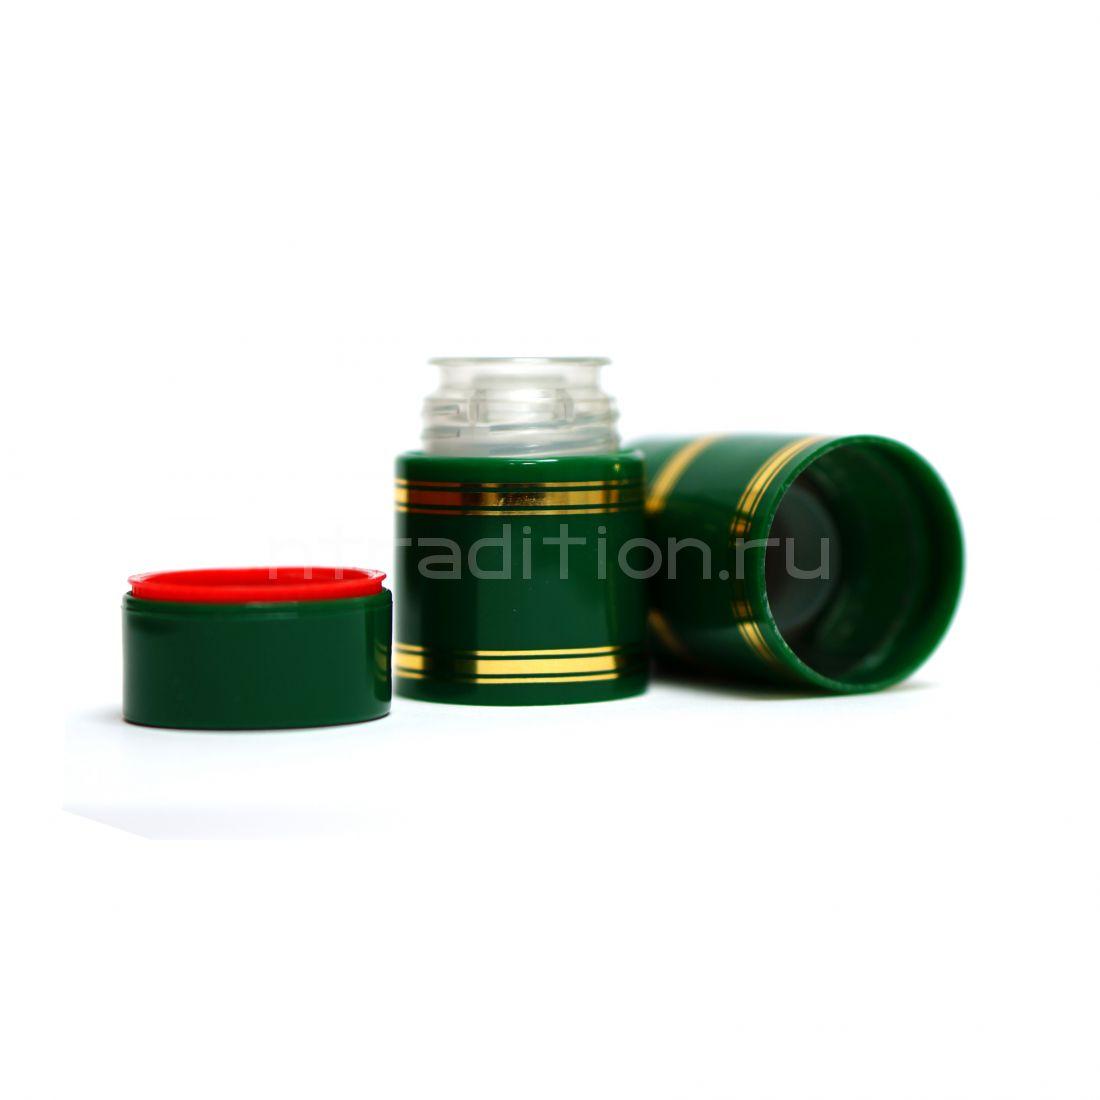 Полимерный колпачок с дозатором зелёный (Гуала 47 мм) / 10 шт